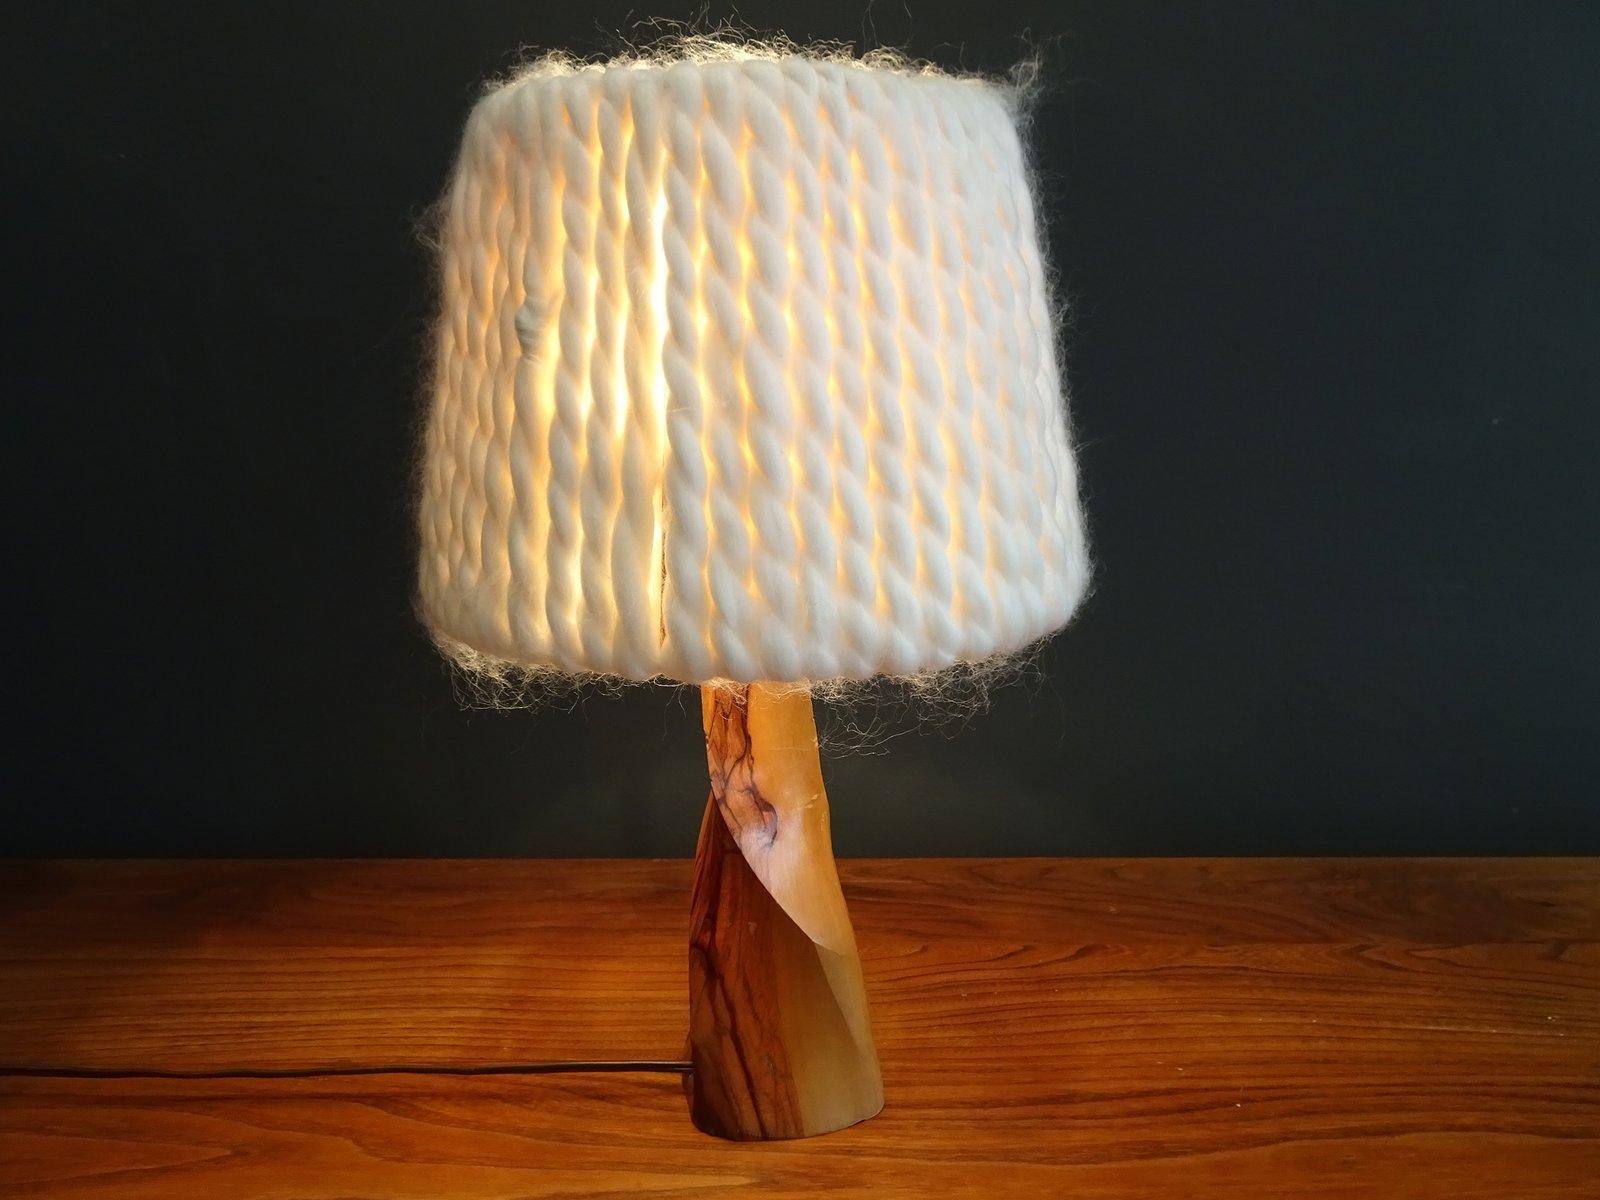 Lampada Da Tavolo Vintage In Legno E Lana Artigianale In Vendita Su Pamono